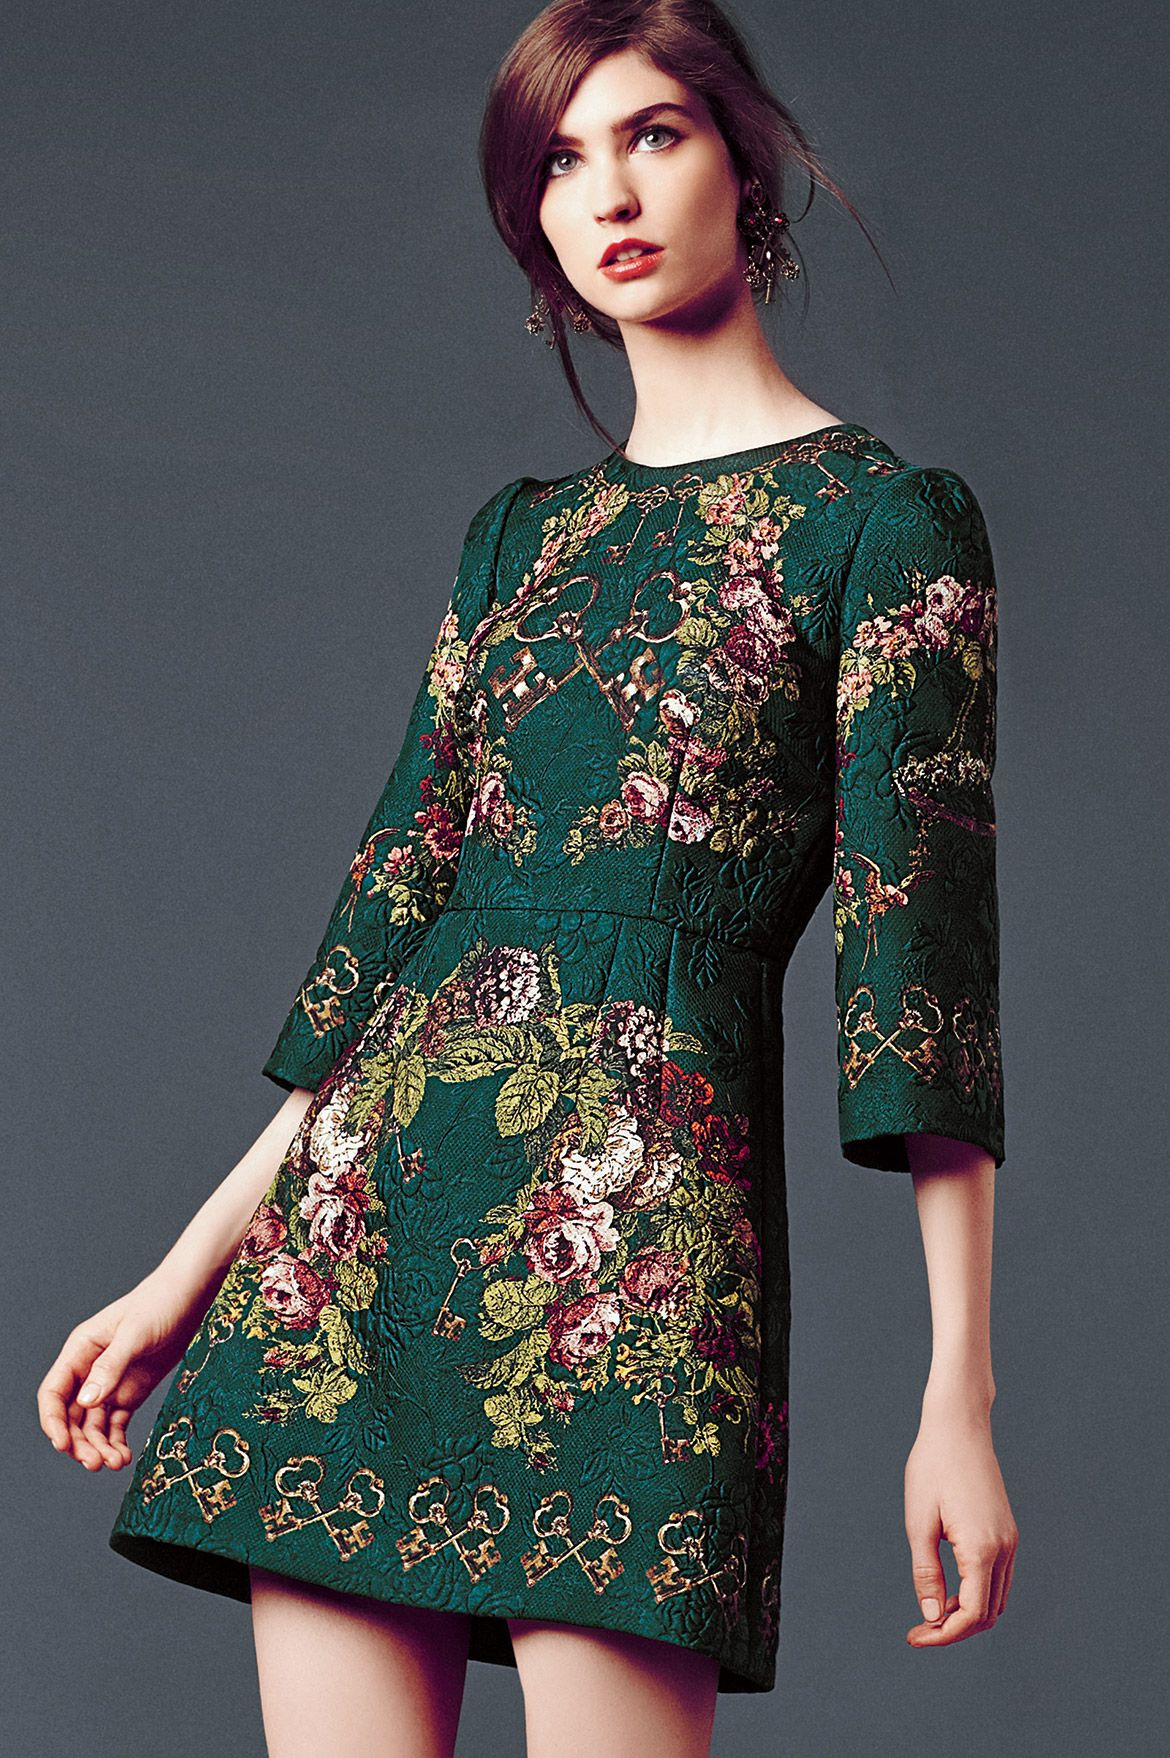 b06a8d3c0 dolce gabbana ropa mujer invierno - Buscar con Google Vestido De Ensueño